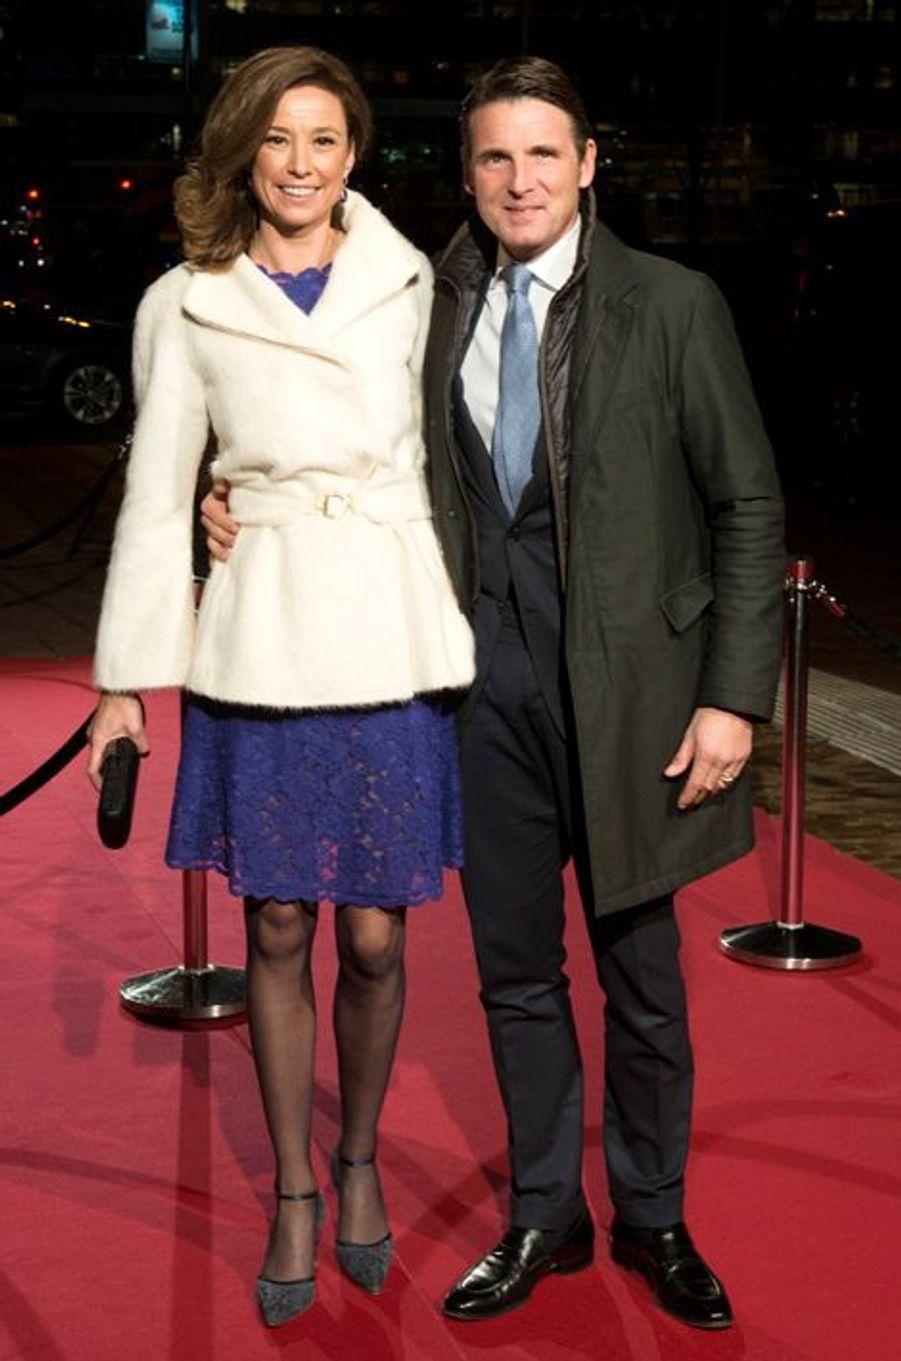 La princesse Marilene et le prince Maurits au théâtre Beatrix d'Utrecht, le 8 décembre 2014